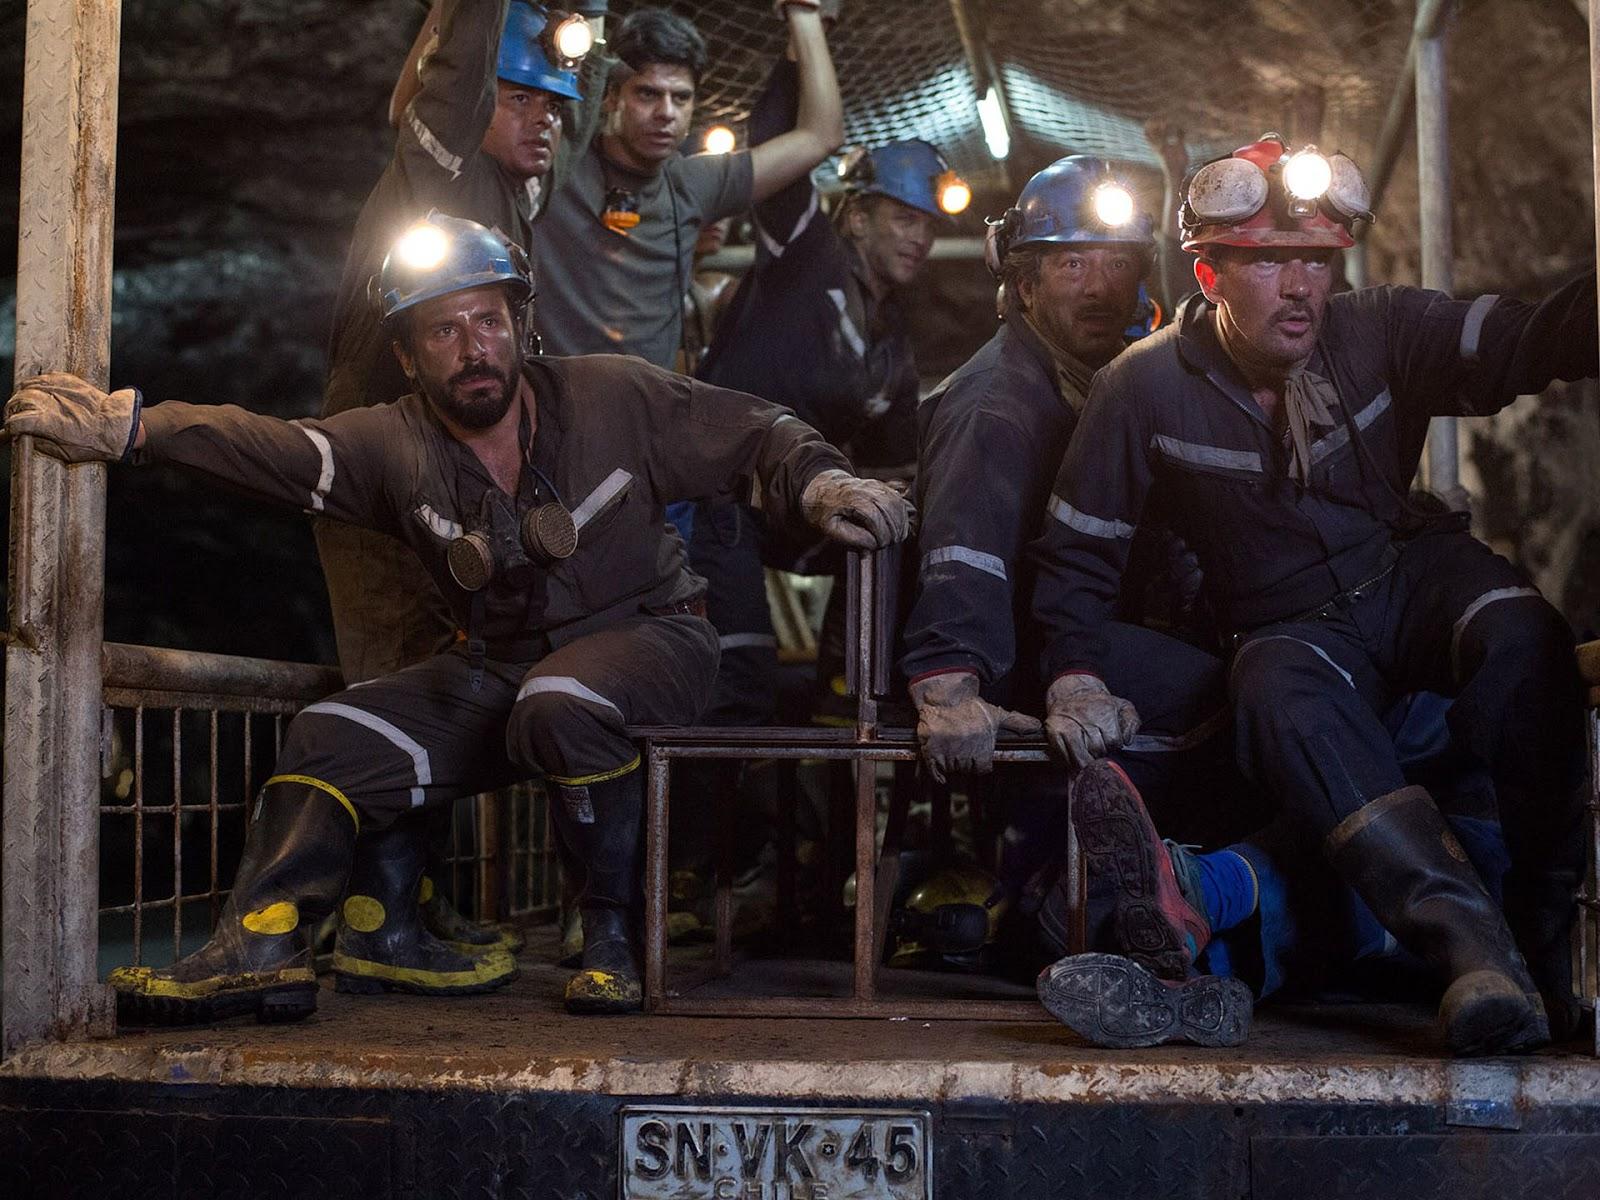 повышение (индексация) зарплаты шахтерам в 2017 году